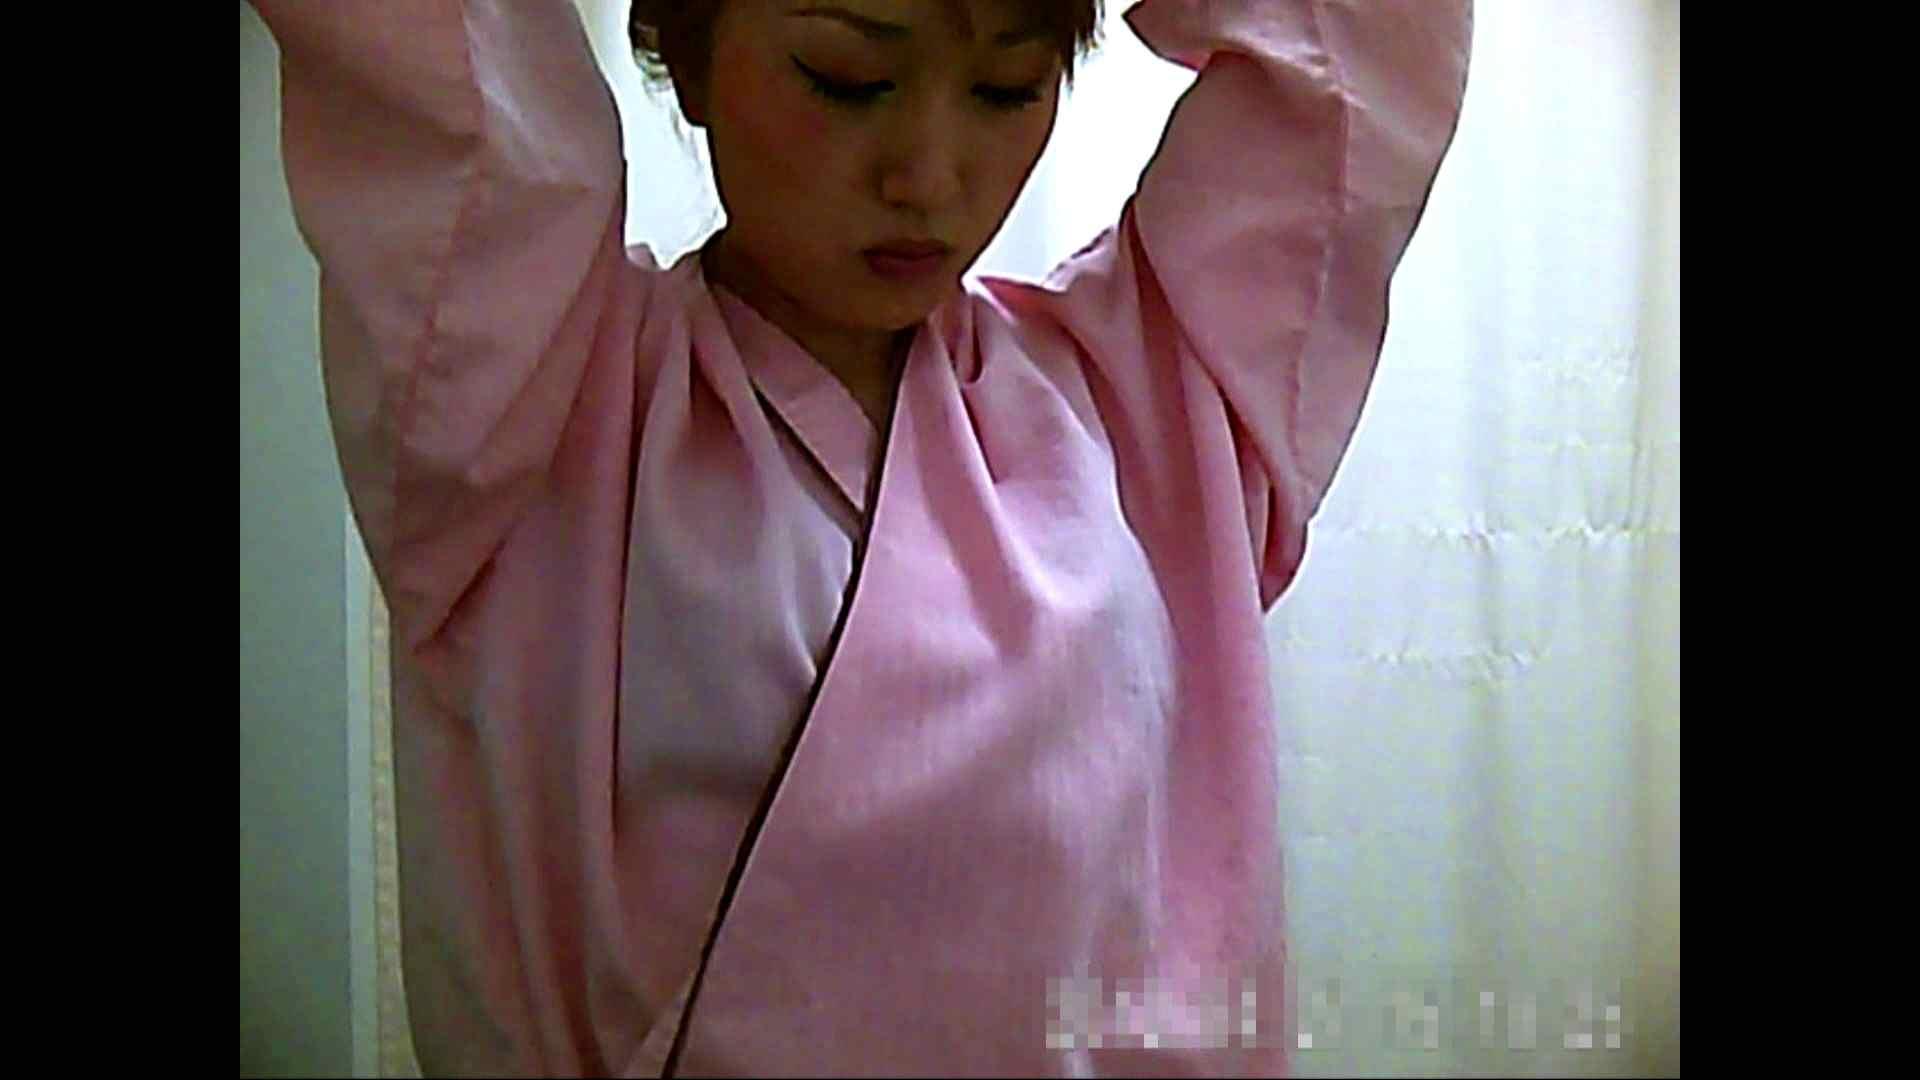 元医者による反抗 更衣室地獄絵巻 vol.004 OL  94pic 44